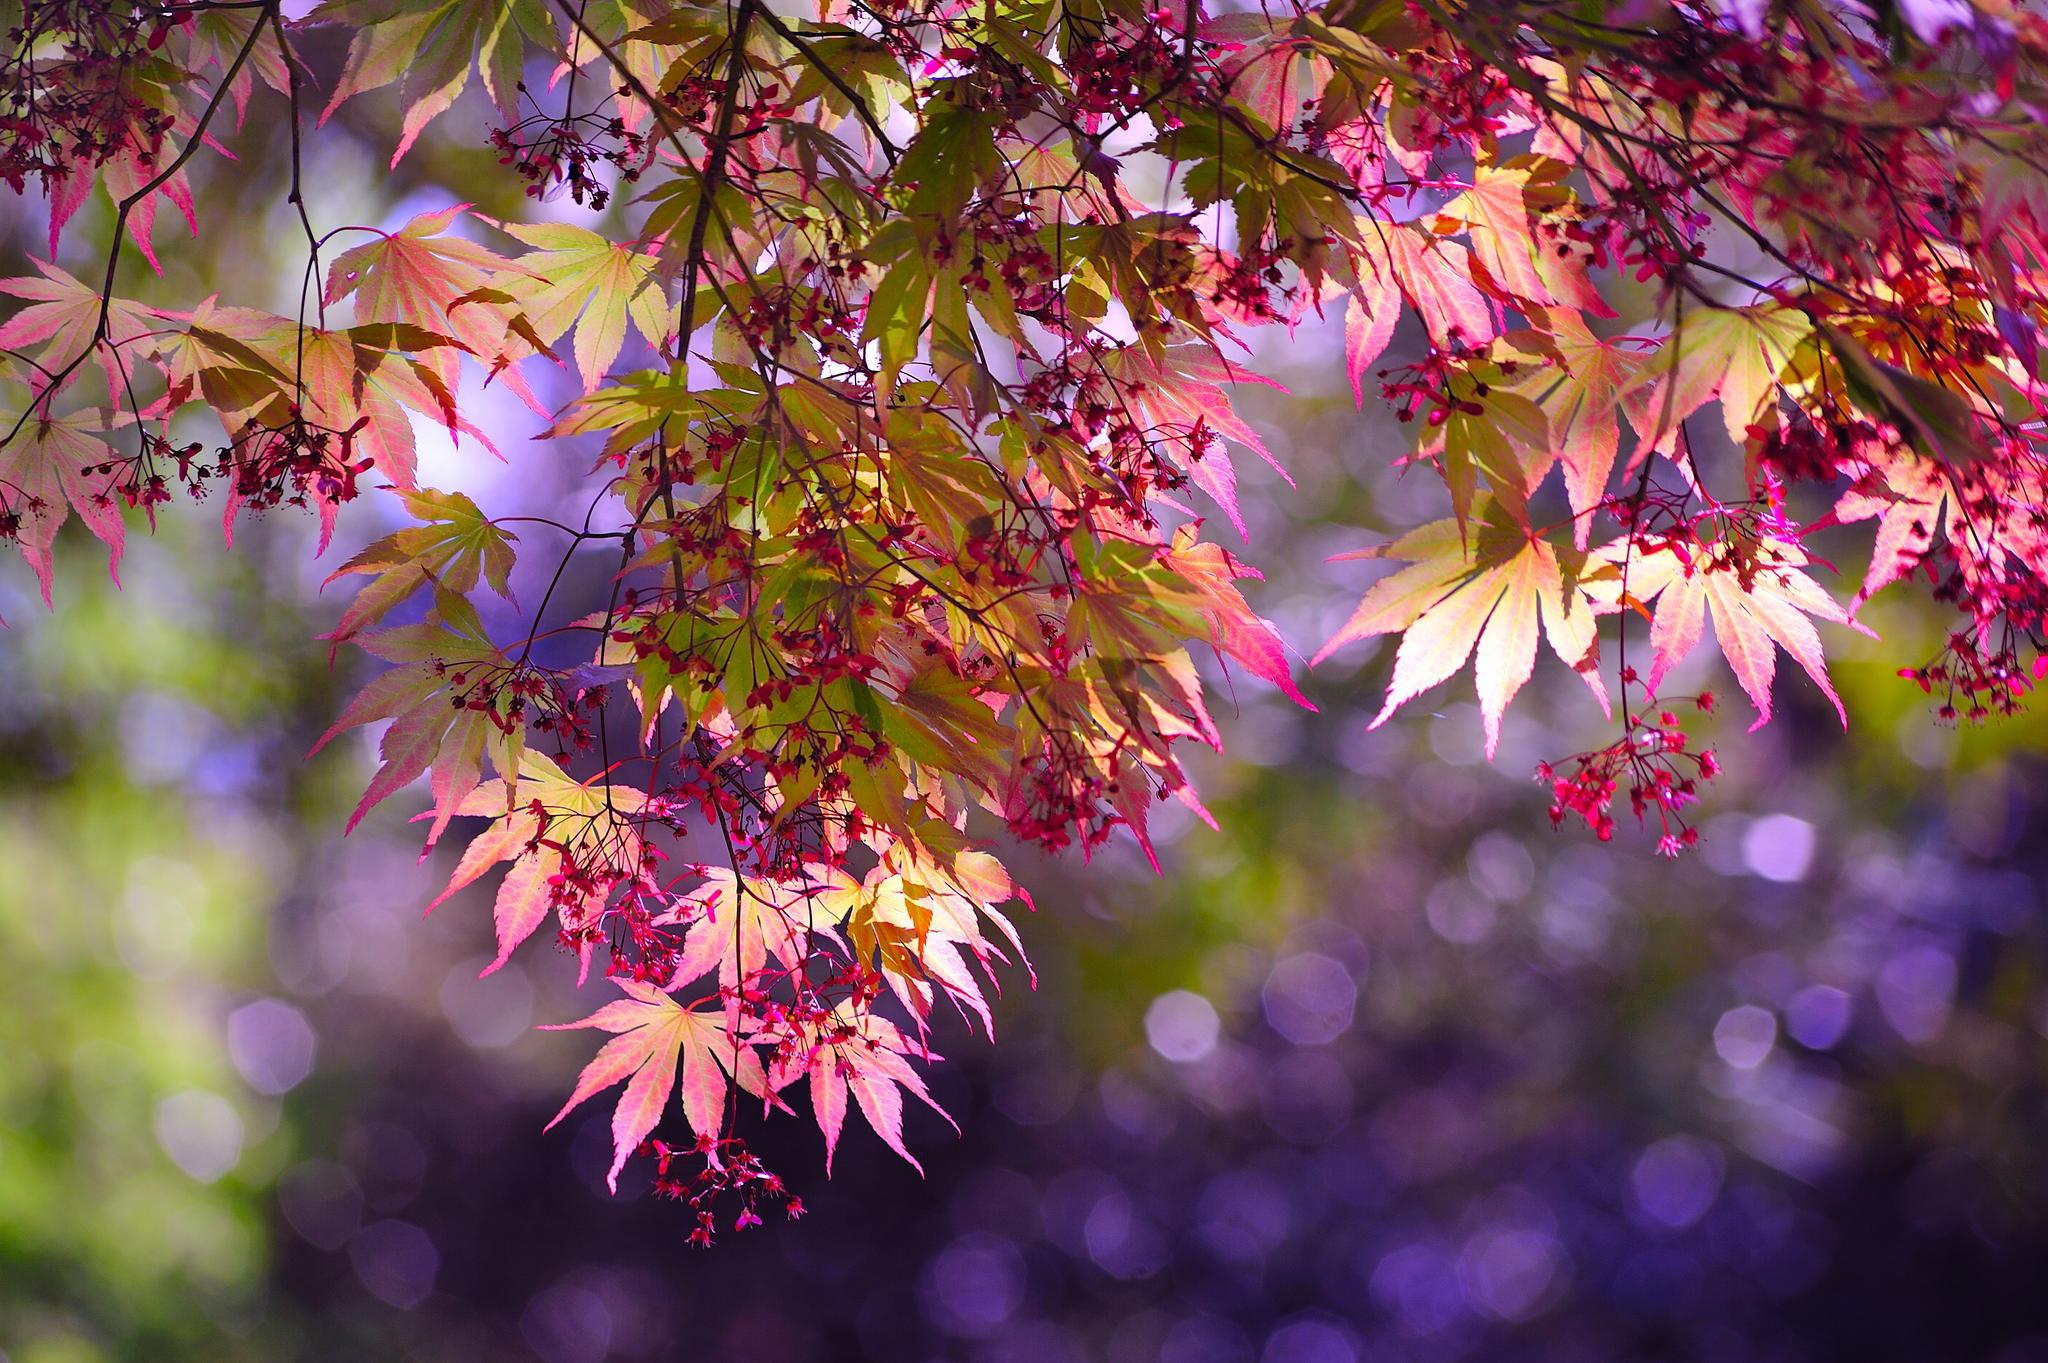 природа деревья ветки листья nature trees branches leaves  № 1275091 бесплатно